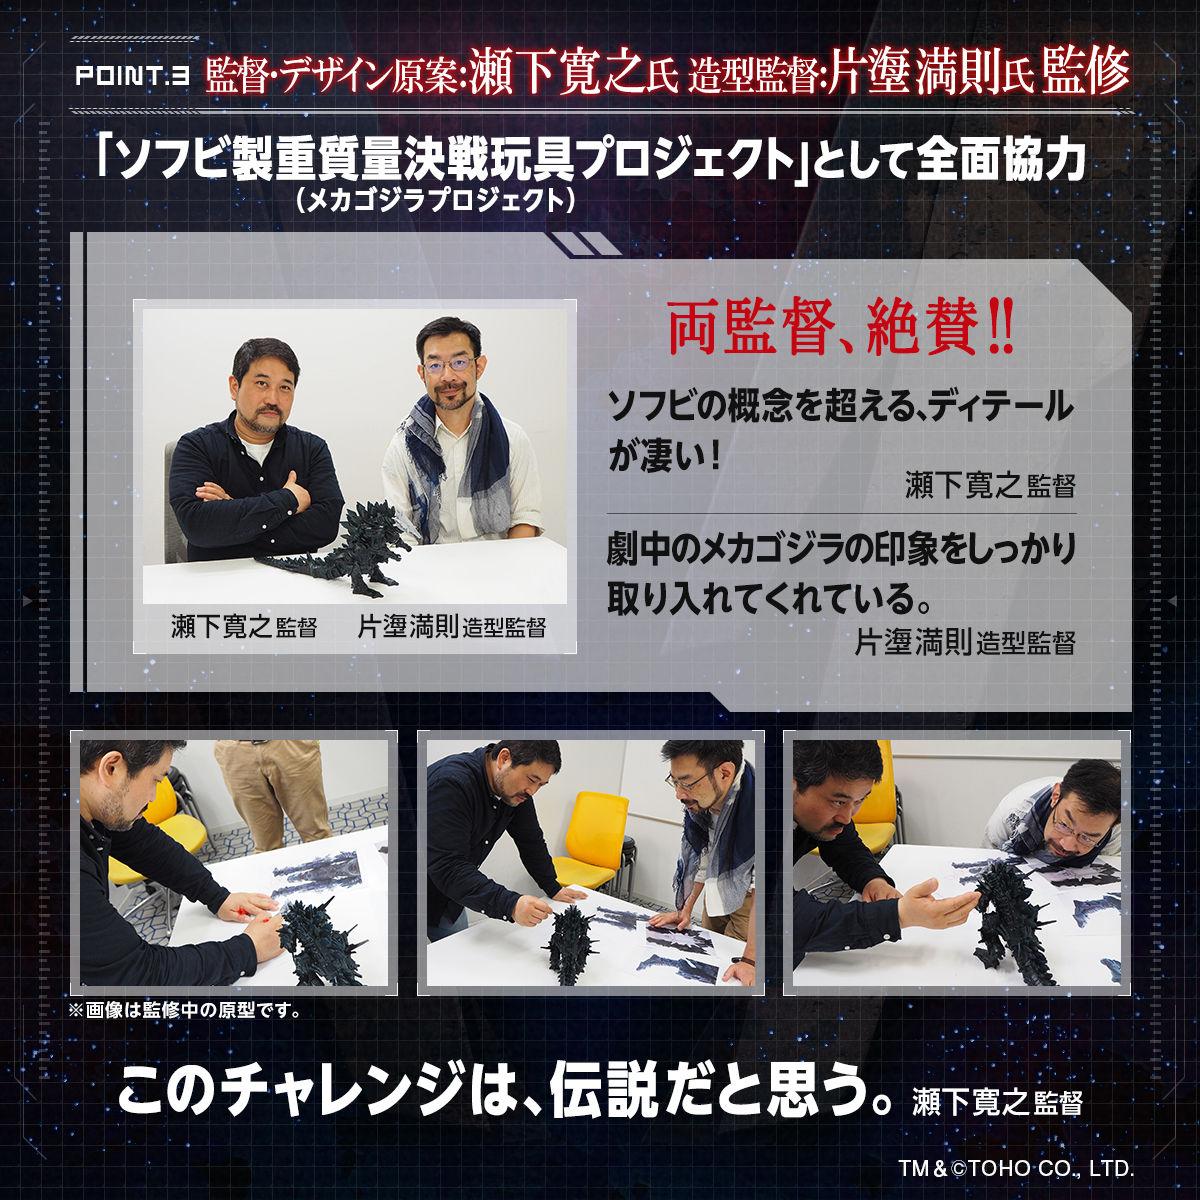 監督・デザイン原案:瀬下寛之氏、造型監督:片塰満則氏 監修